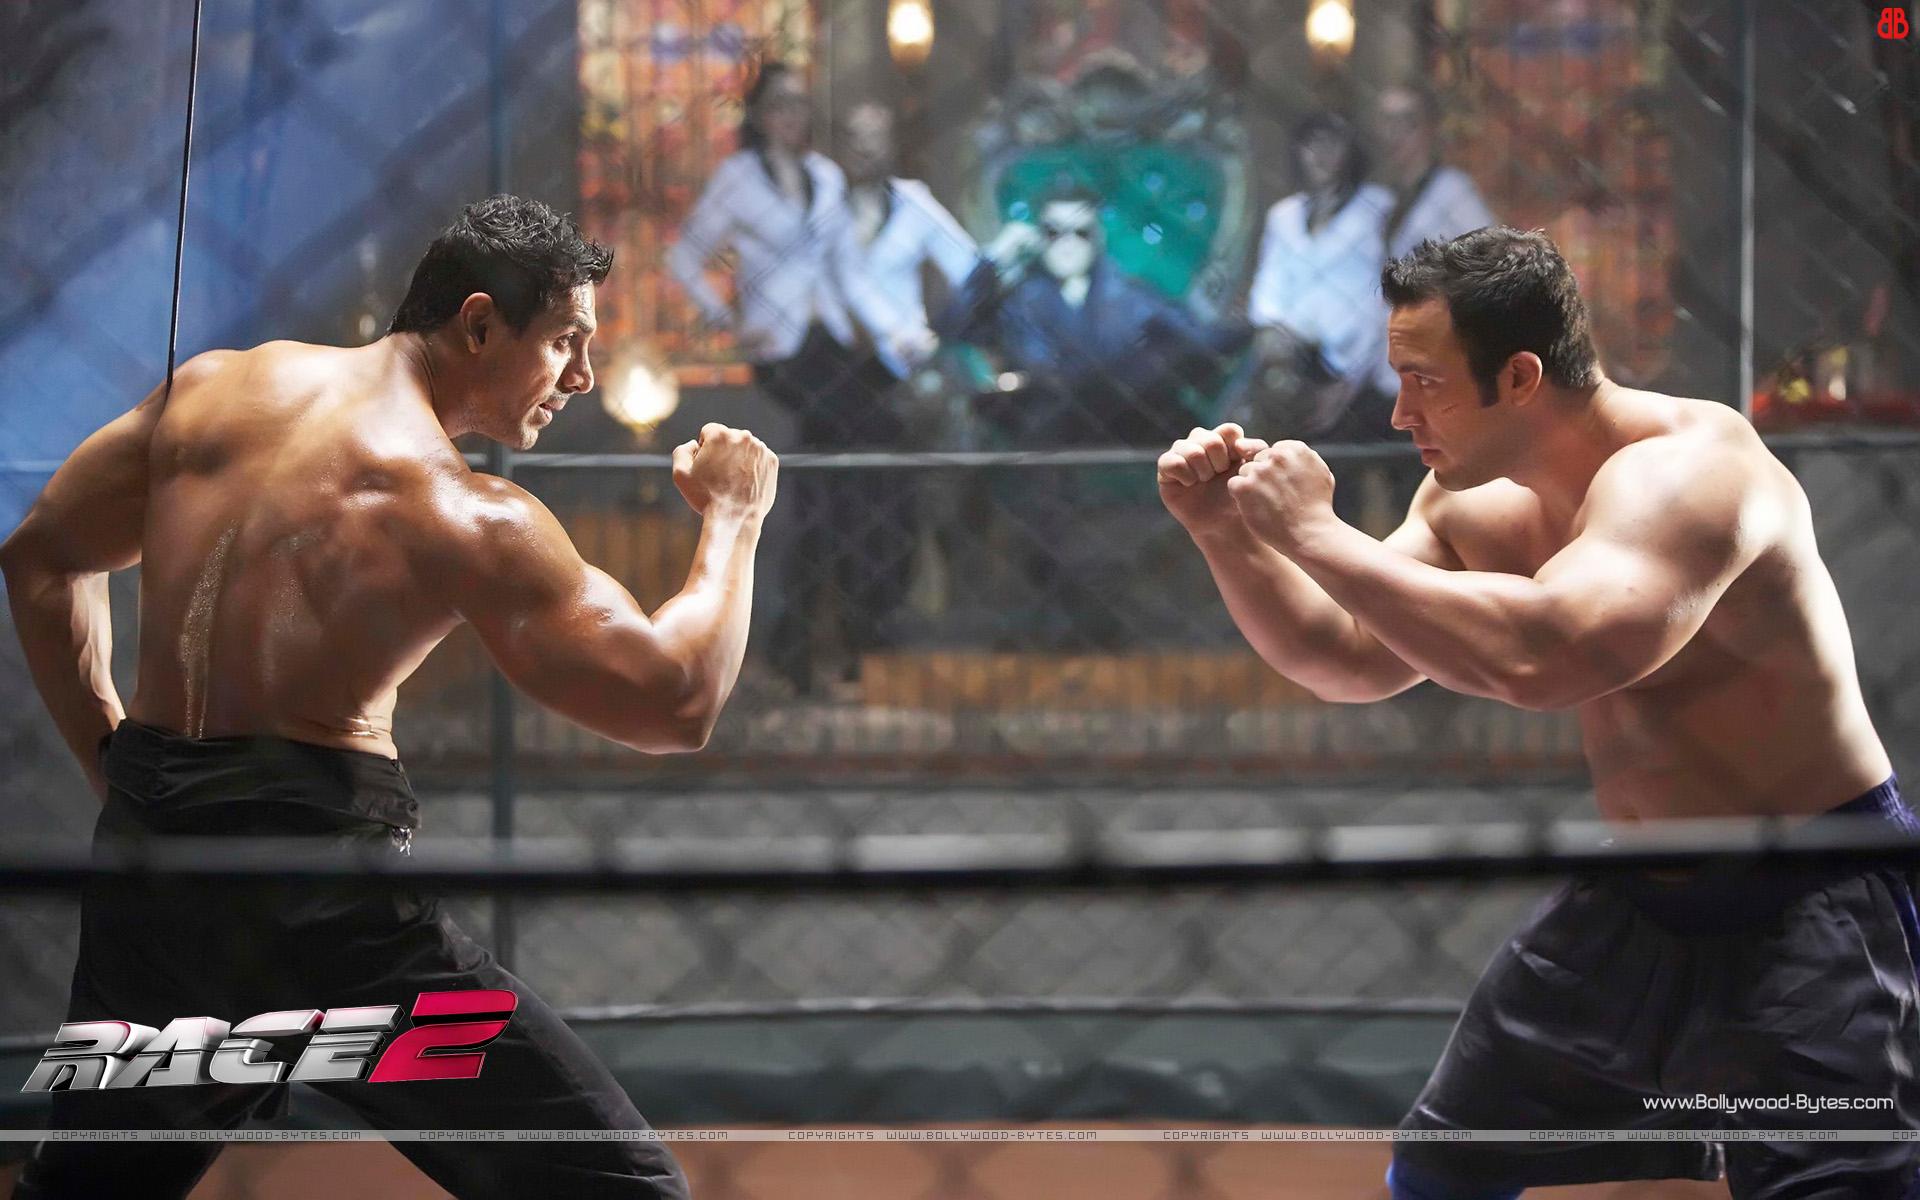 http://2.bp.blogspot.com/-giTO4-NLWPc/UMEGBwS7NBI/AAAAAAAAUuI/ynUc1KNyrXk/s1920/Race-2-+Boxing-John-Abraham-HD-Wallpaper-16.jpg